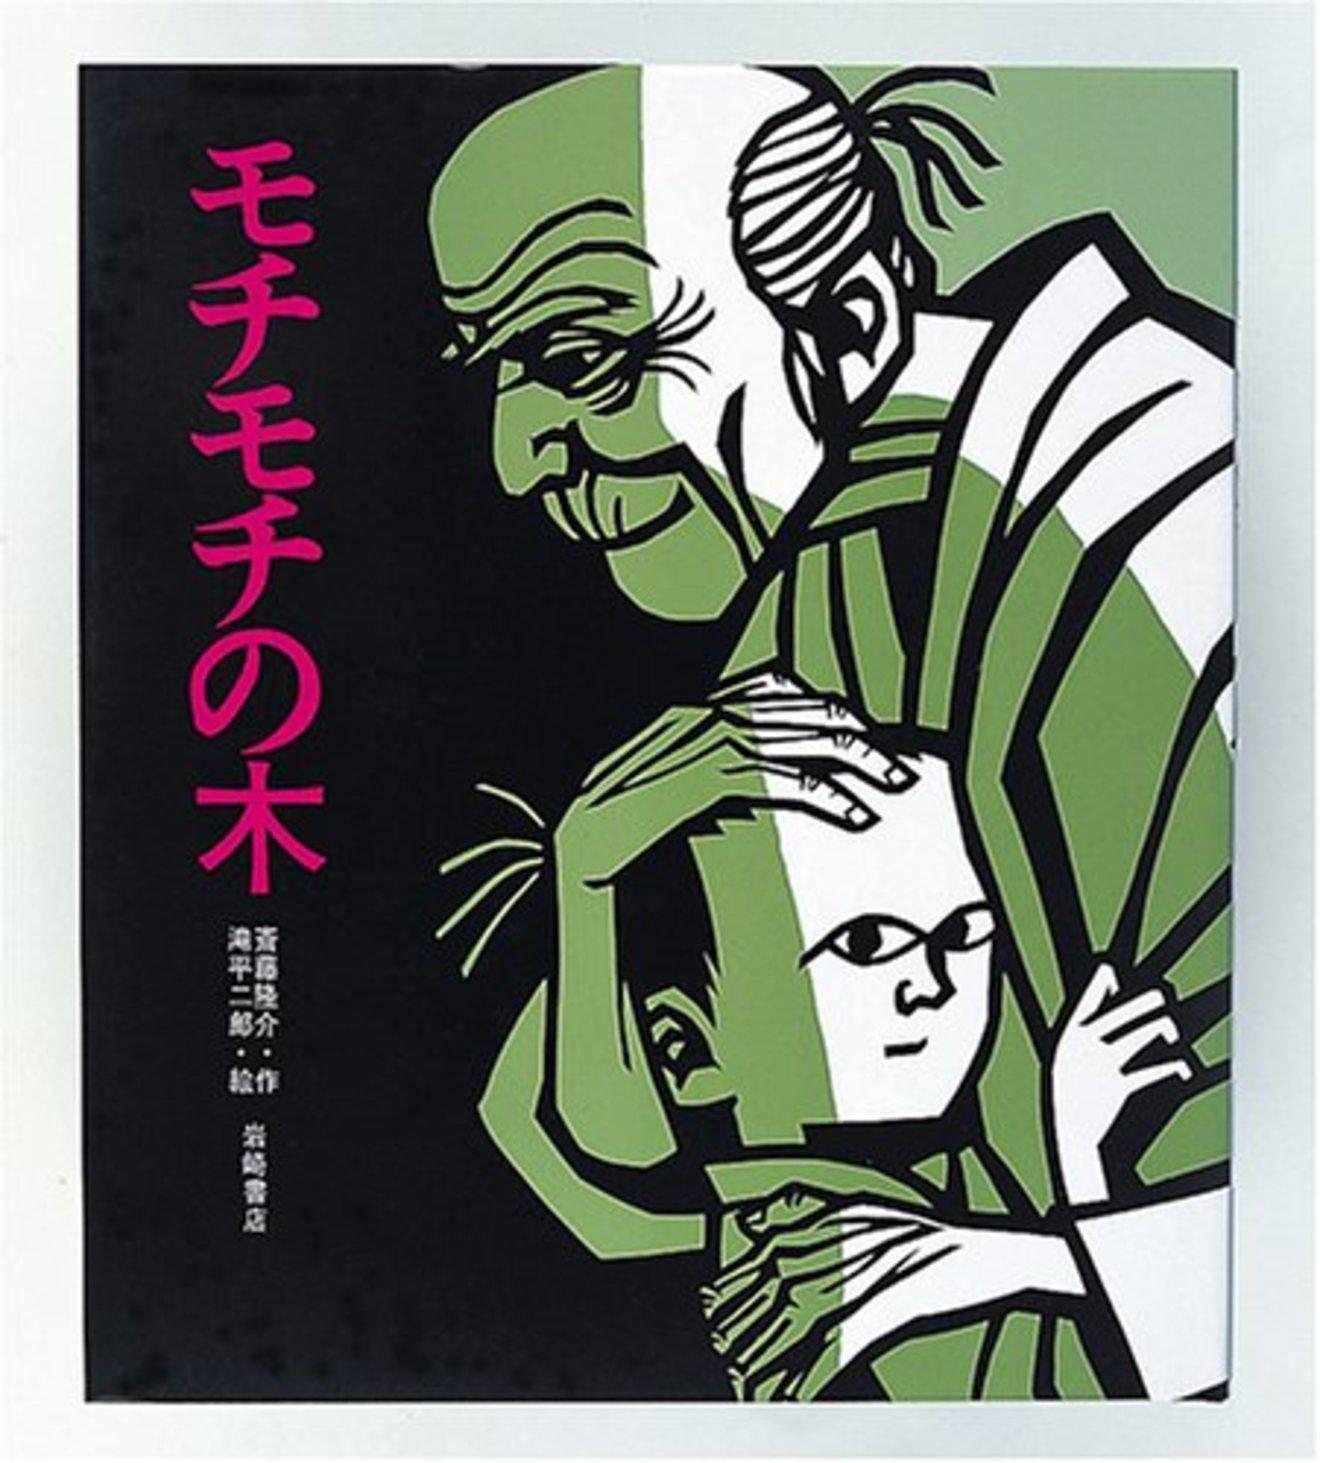 滝平二郎が絵を手がけた絵本おすすめ5選!名作『モチモチの木』作者